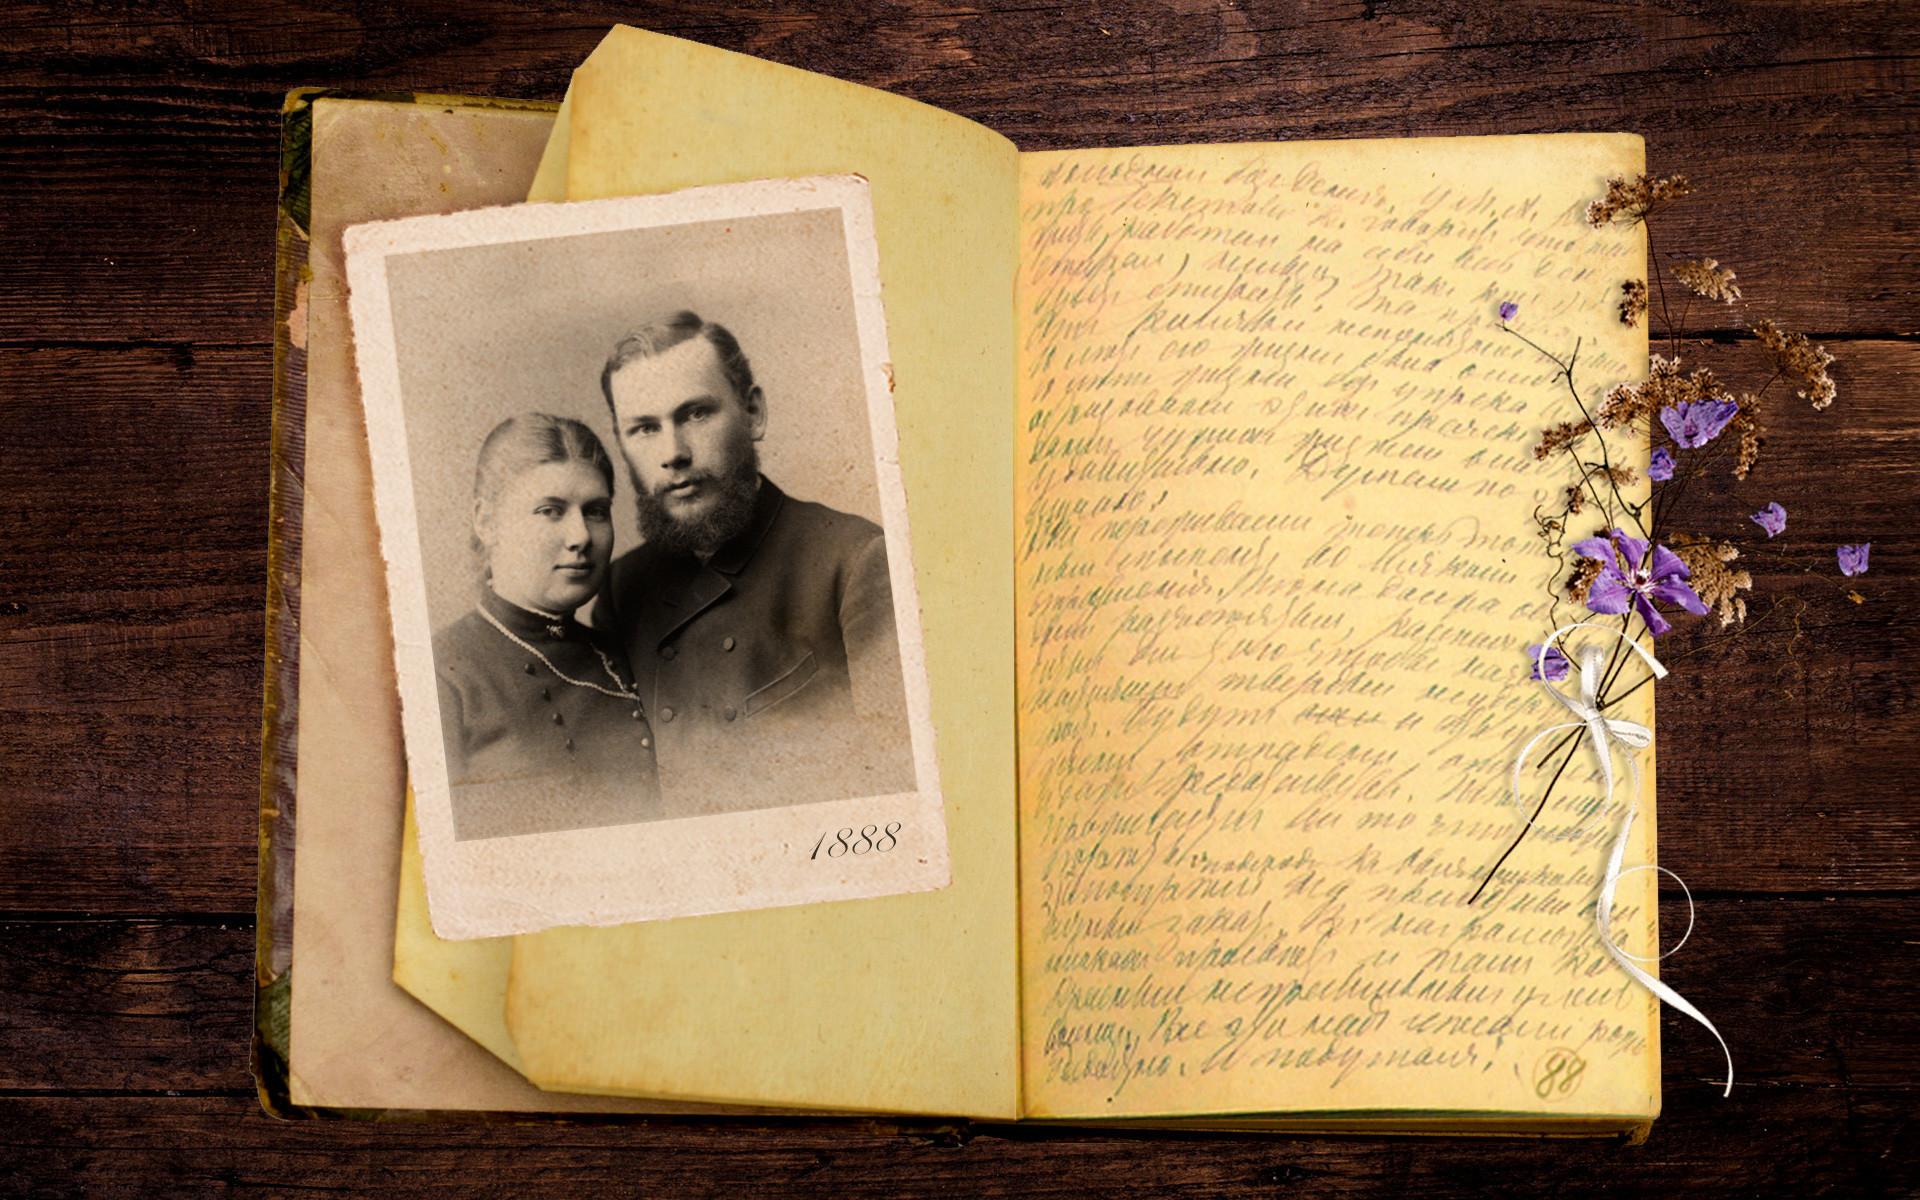 Лав Толстој со сопругата Софија, 1888 година, дневникот на Лав Толстој.